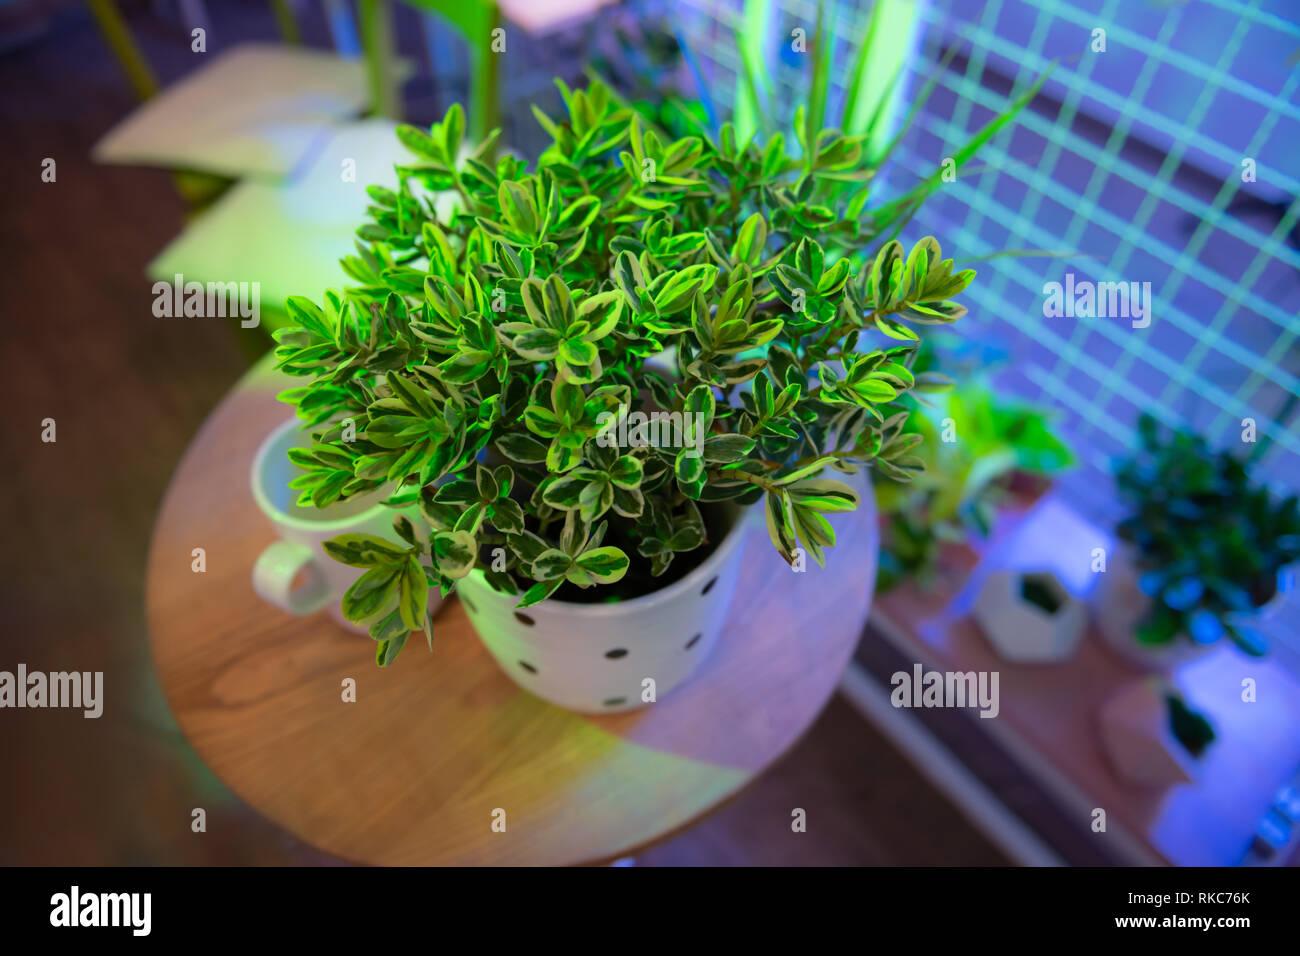 Bush luxuriant vert profond coloré debout sur une table basse en bois Photo Stock